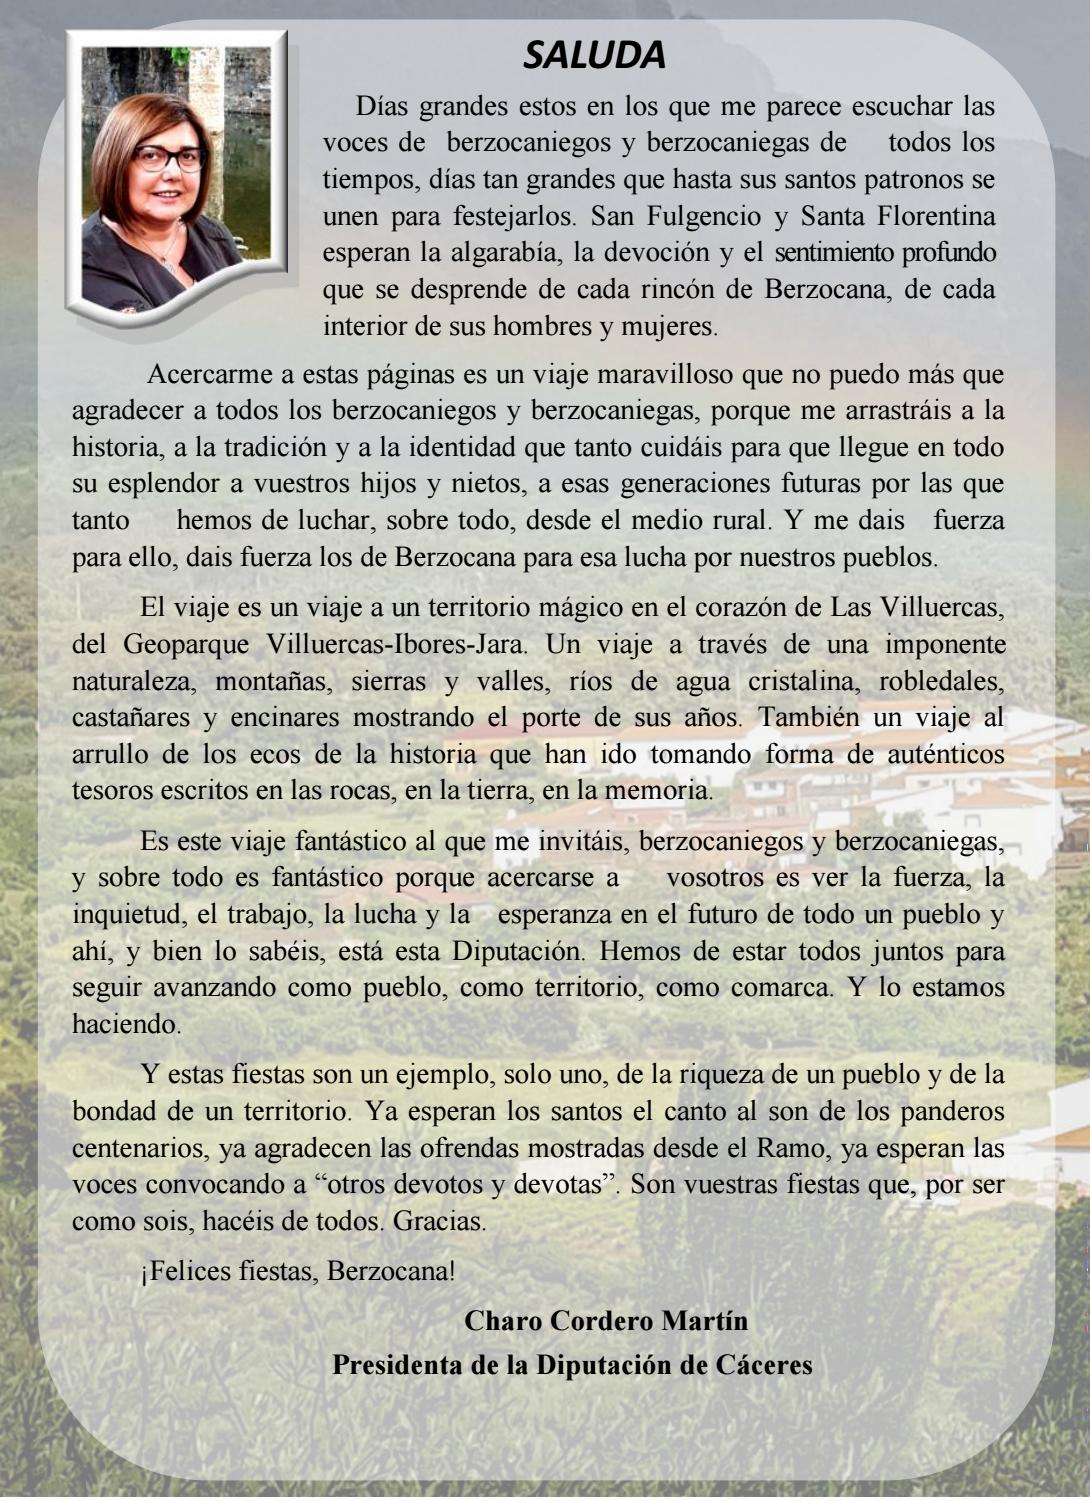 Programa de fiestas en honor a San Fulgencio y Santa Florentina 2018 - Berzocana 2